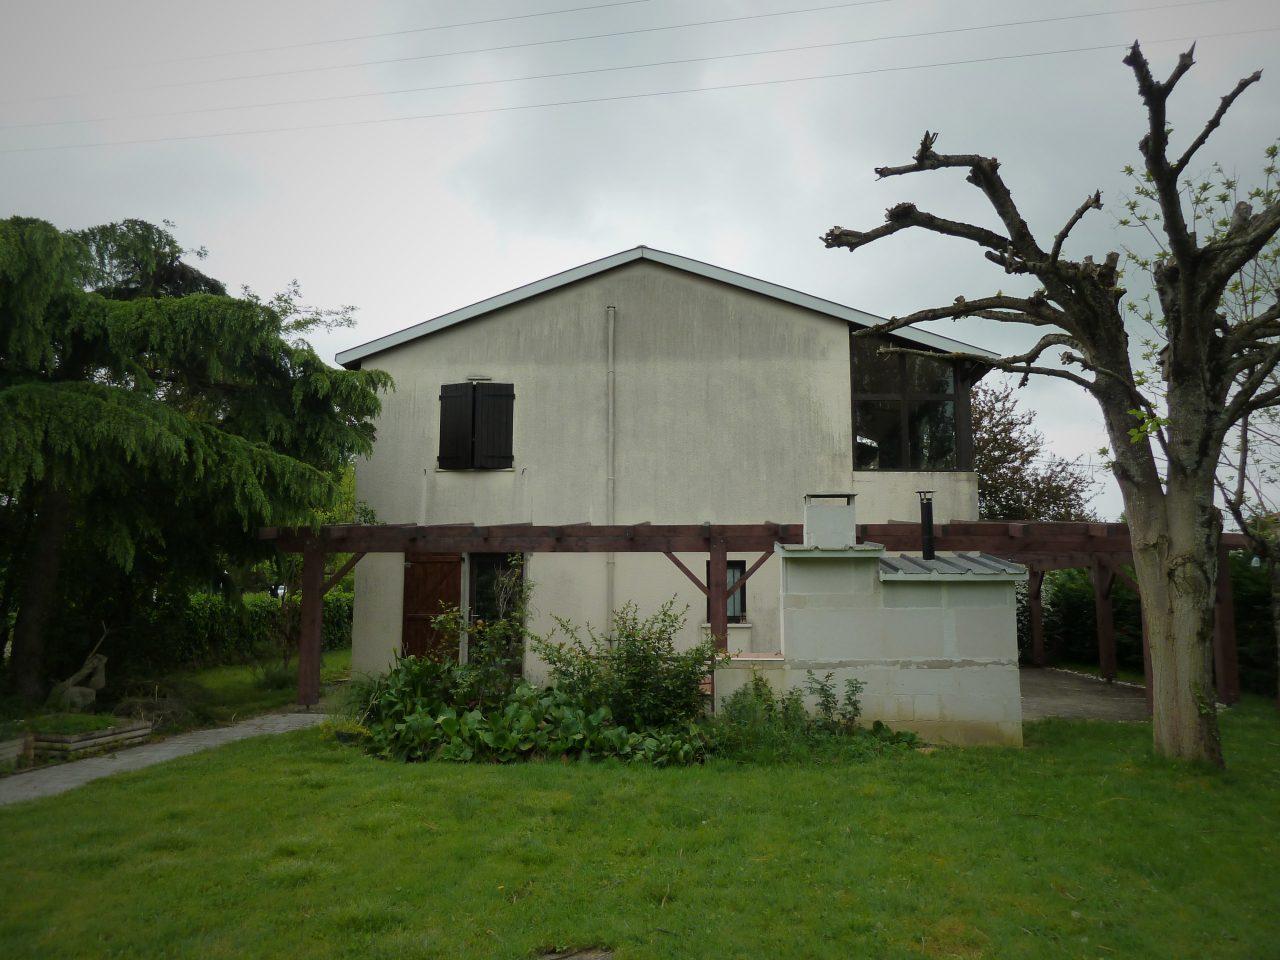 Vue du jardin (Nord-Ouest) avant travaux rénovation extérieure maison R